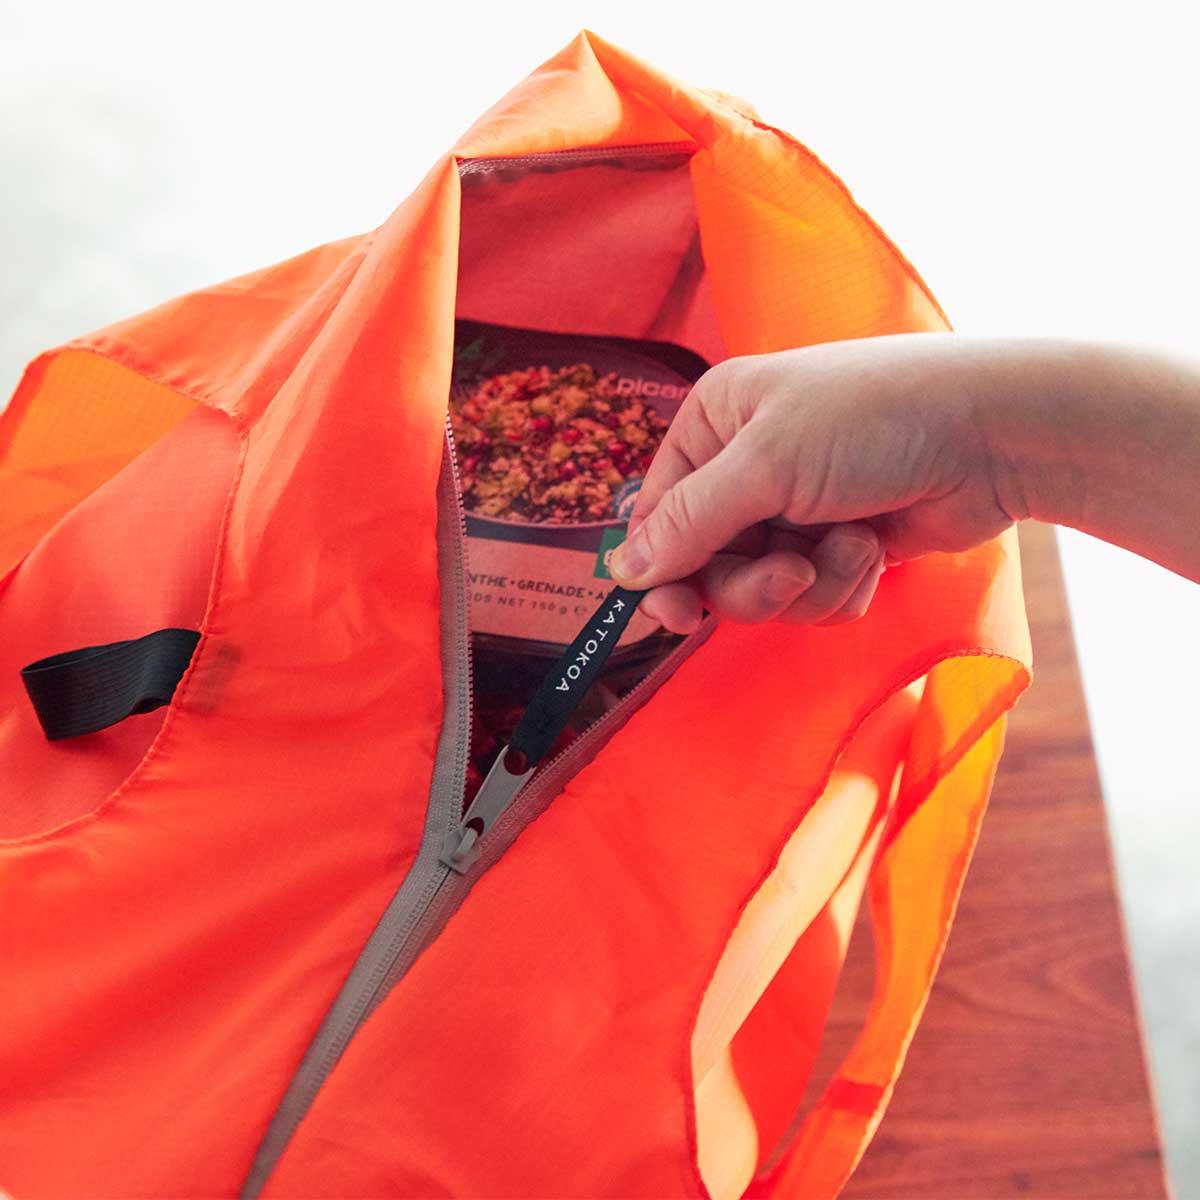 保冷バッグとしては極薄ですが、ファスナー付きでしっかりと断熱効果を発揮し、冷たいおいしさを保ってくれます。ビールや冷凍肉もおいしさキープ、極薄素材で小さくたためる「保冷バッグ」|KATOKOA(カトコア)